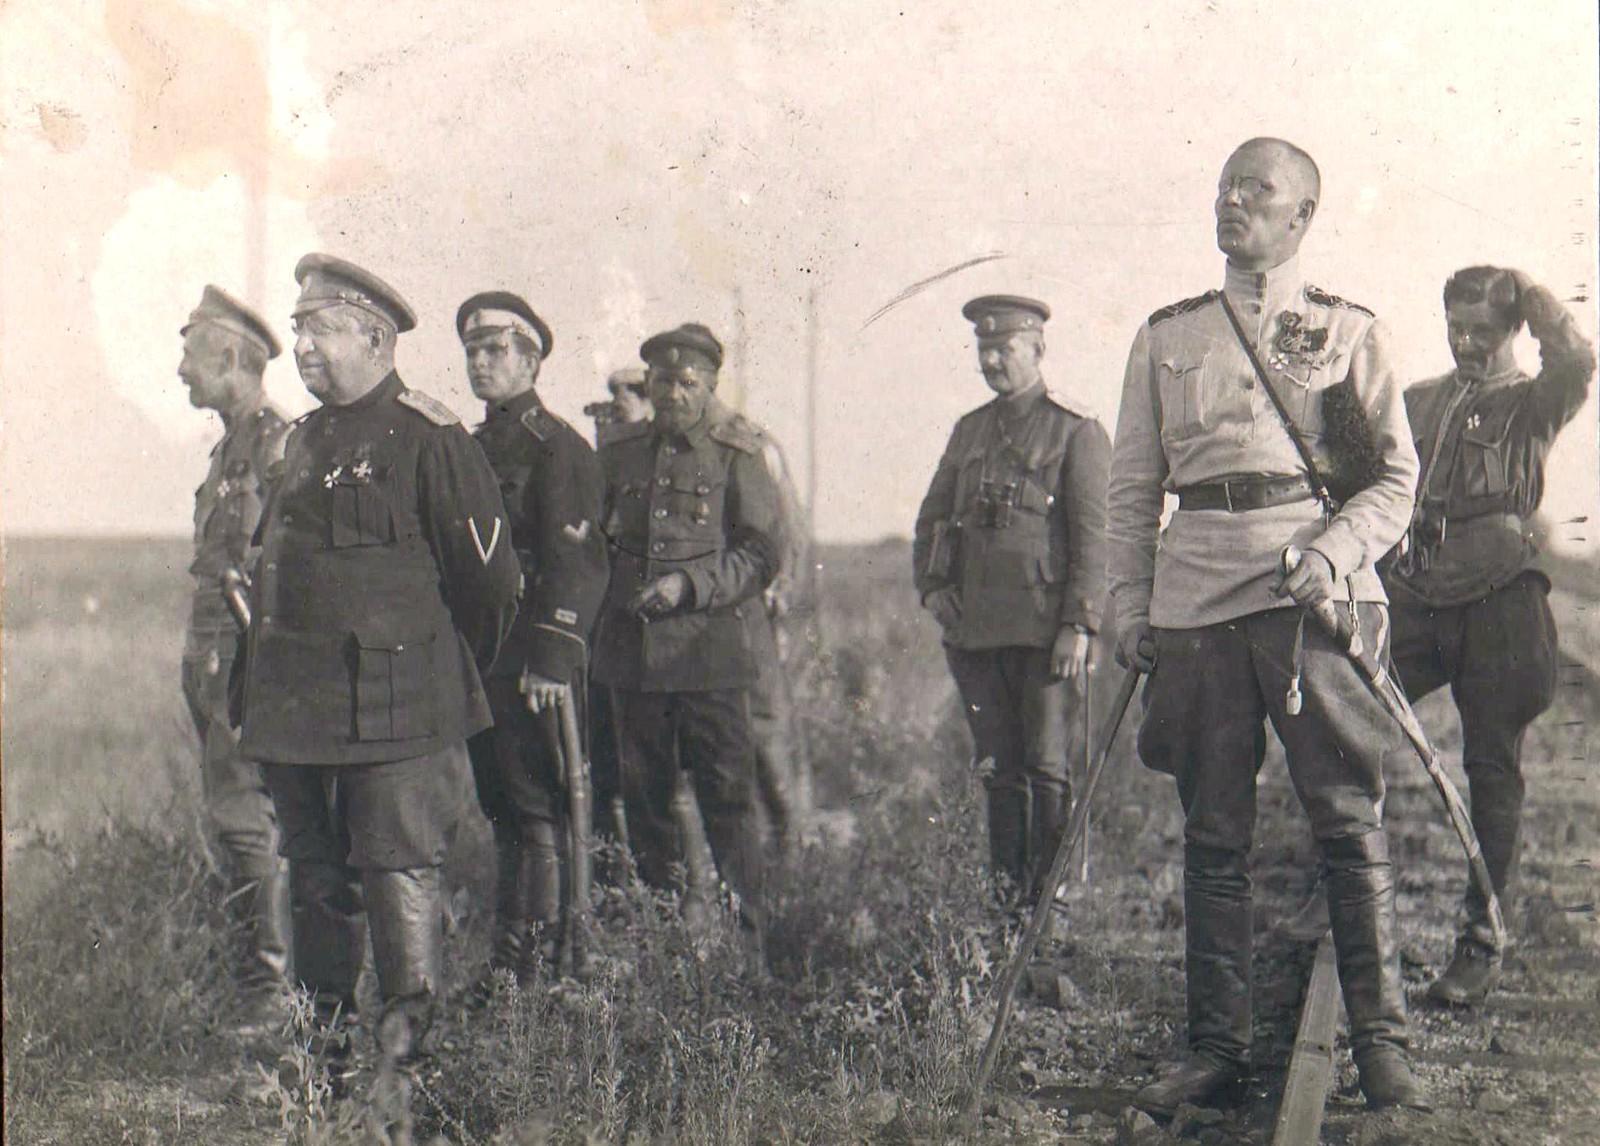 185. 1919. Генералы В.З. Май-Маевский и Н.С. Тимановский наблюдают за боем у станции Лиски